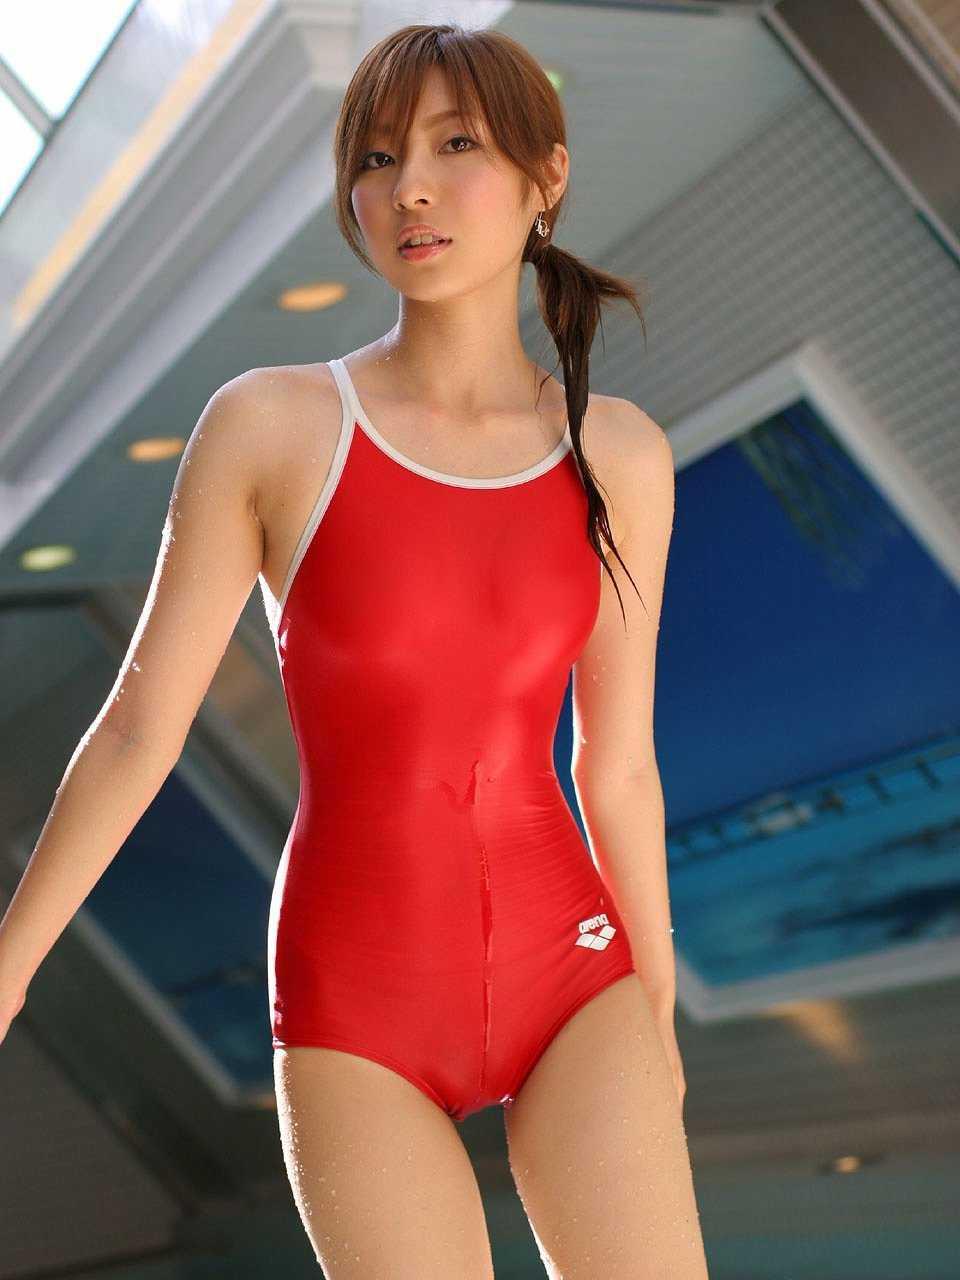 競泳用のセクシー水着 (15)